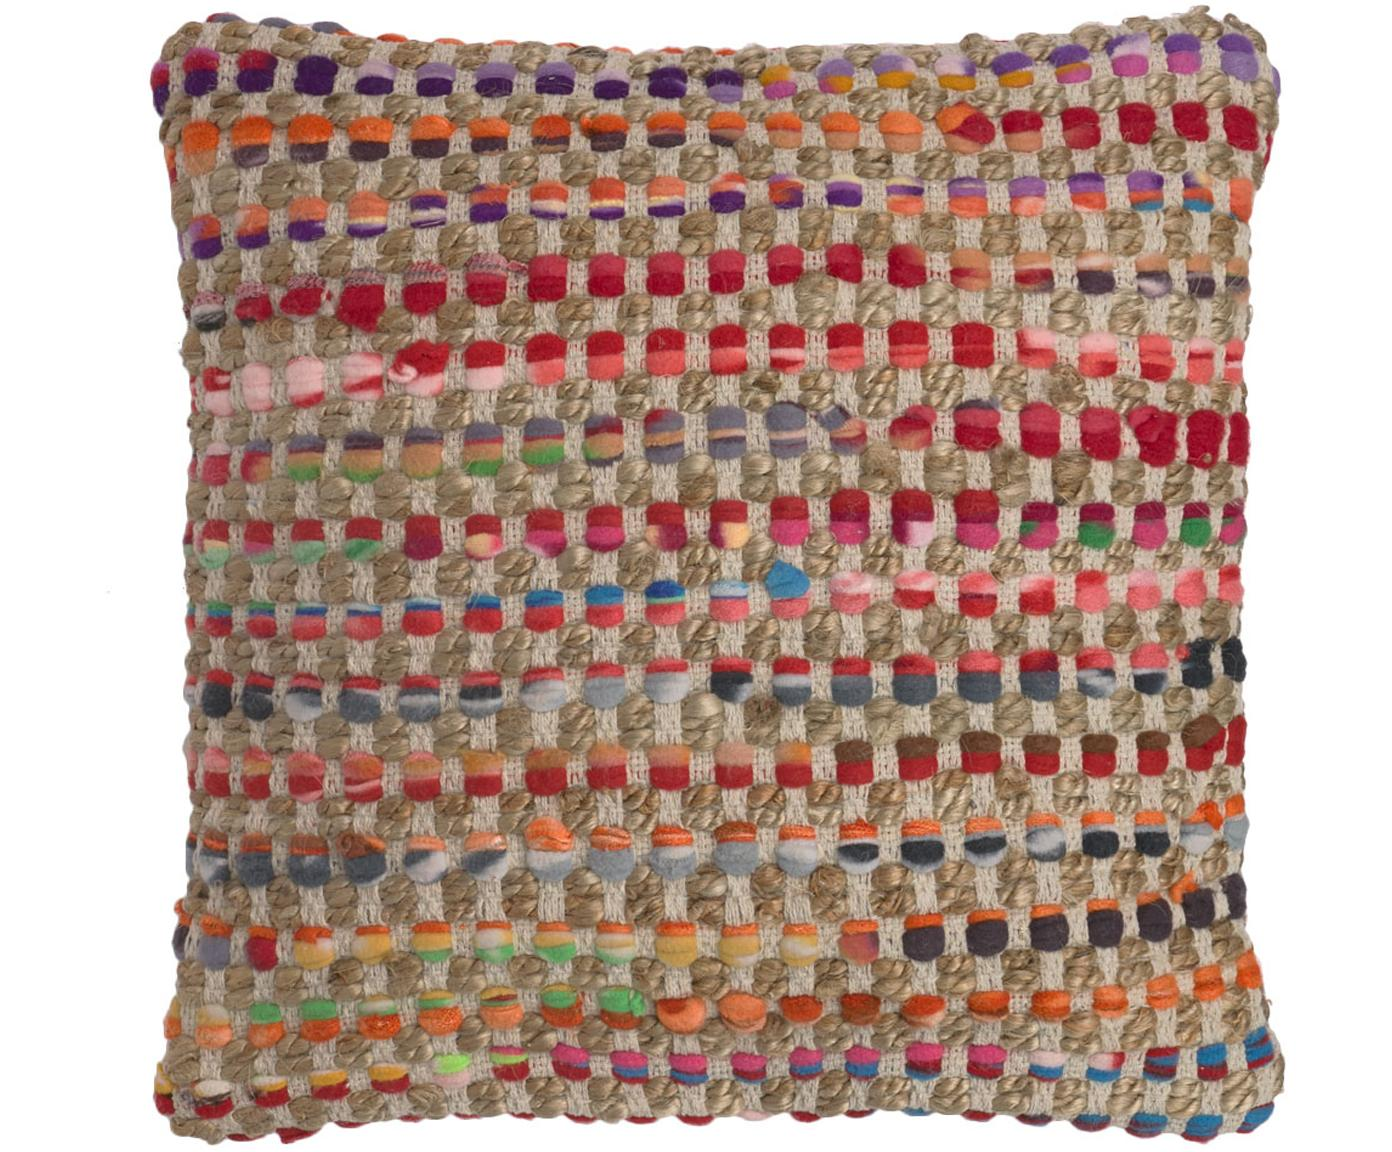 Kussenhoes Cando, Jute, multicolour, 45 x 45 cm